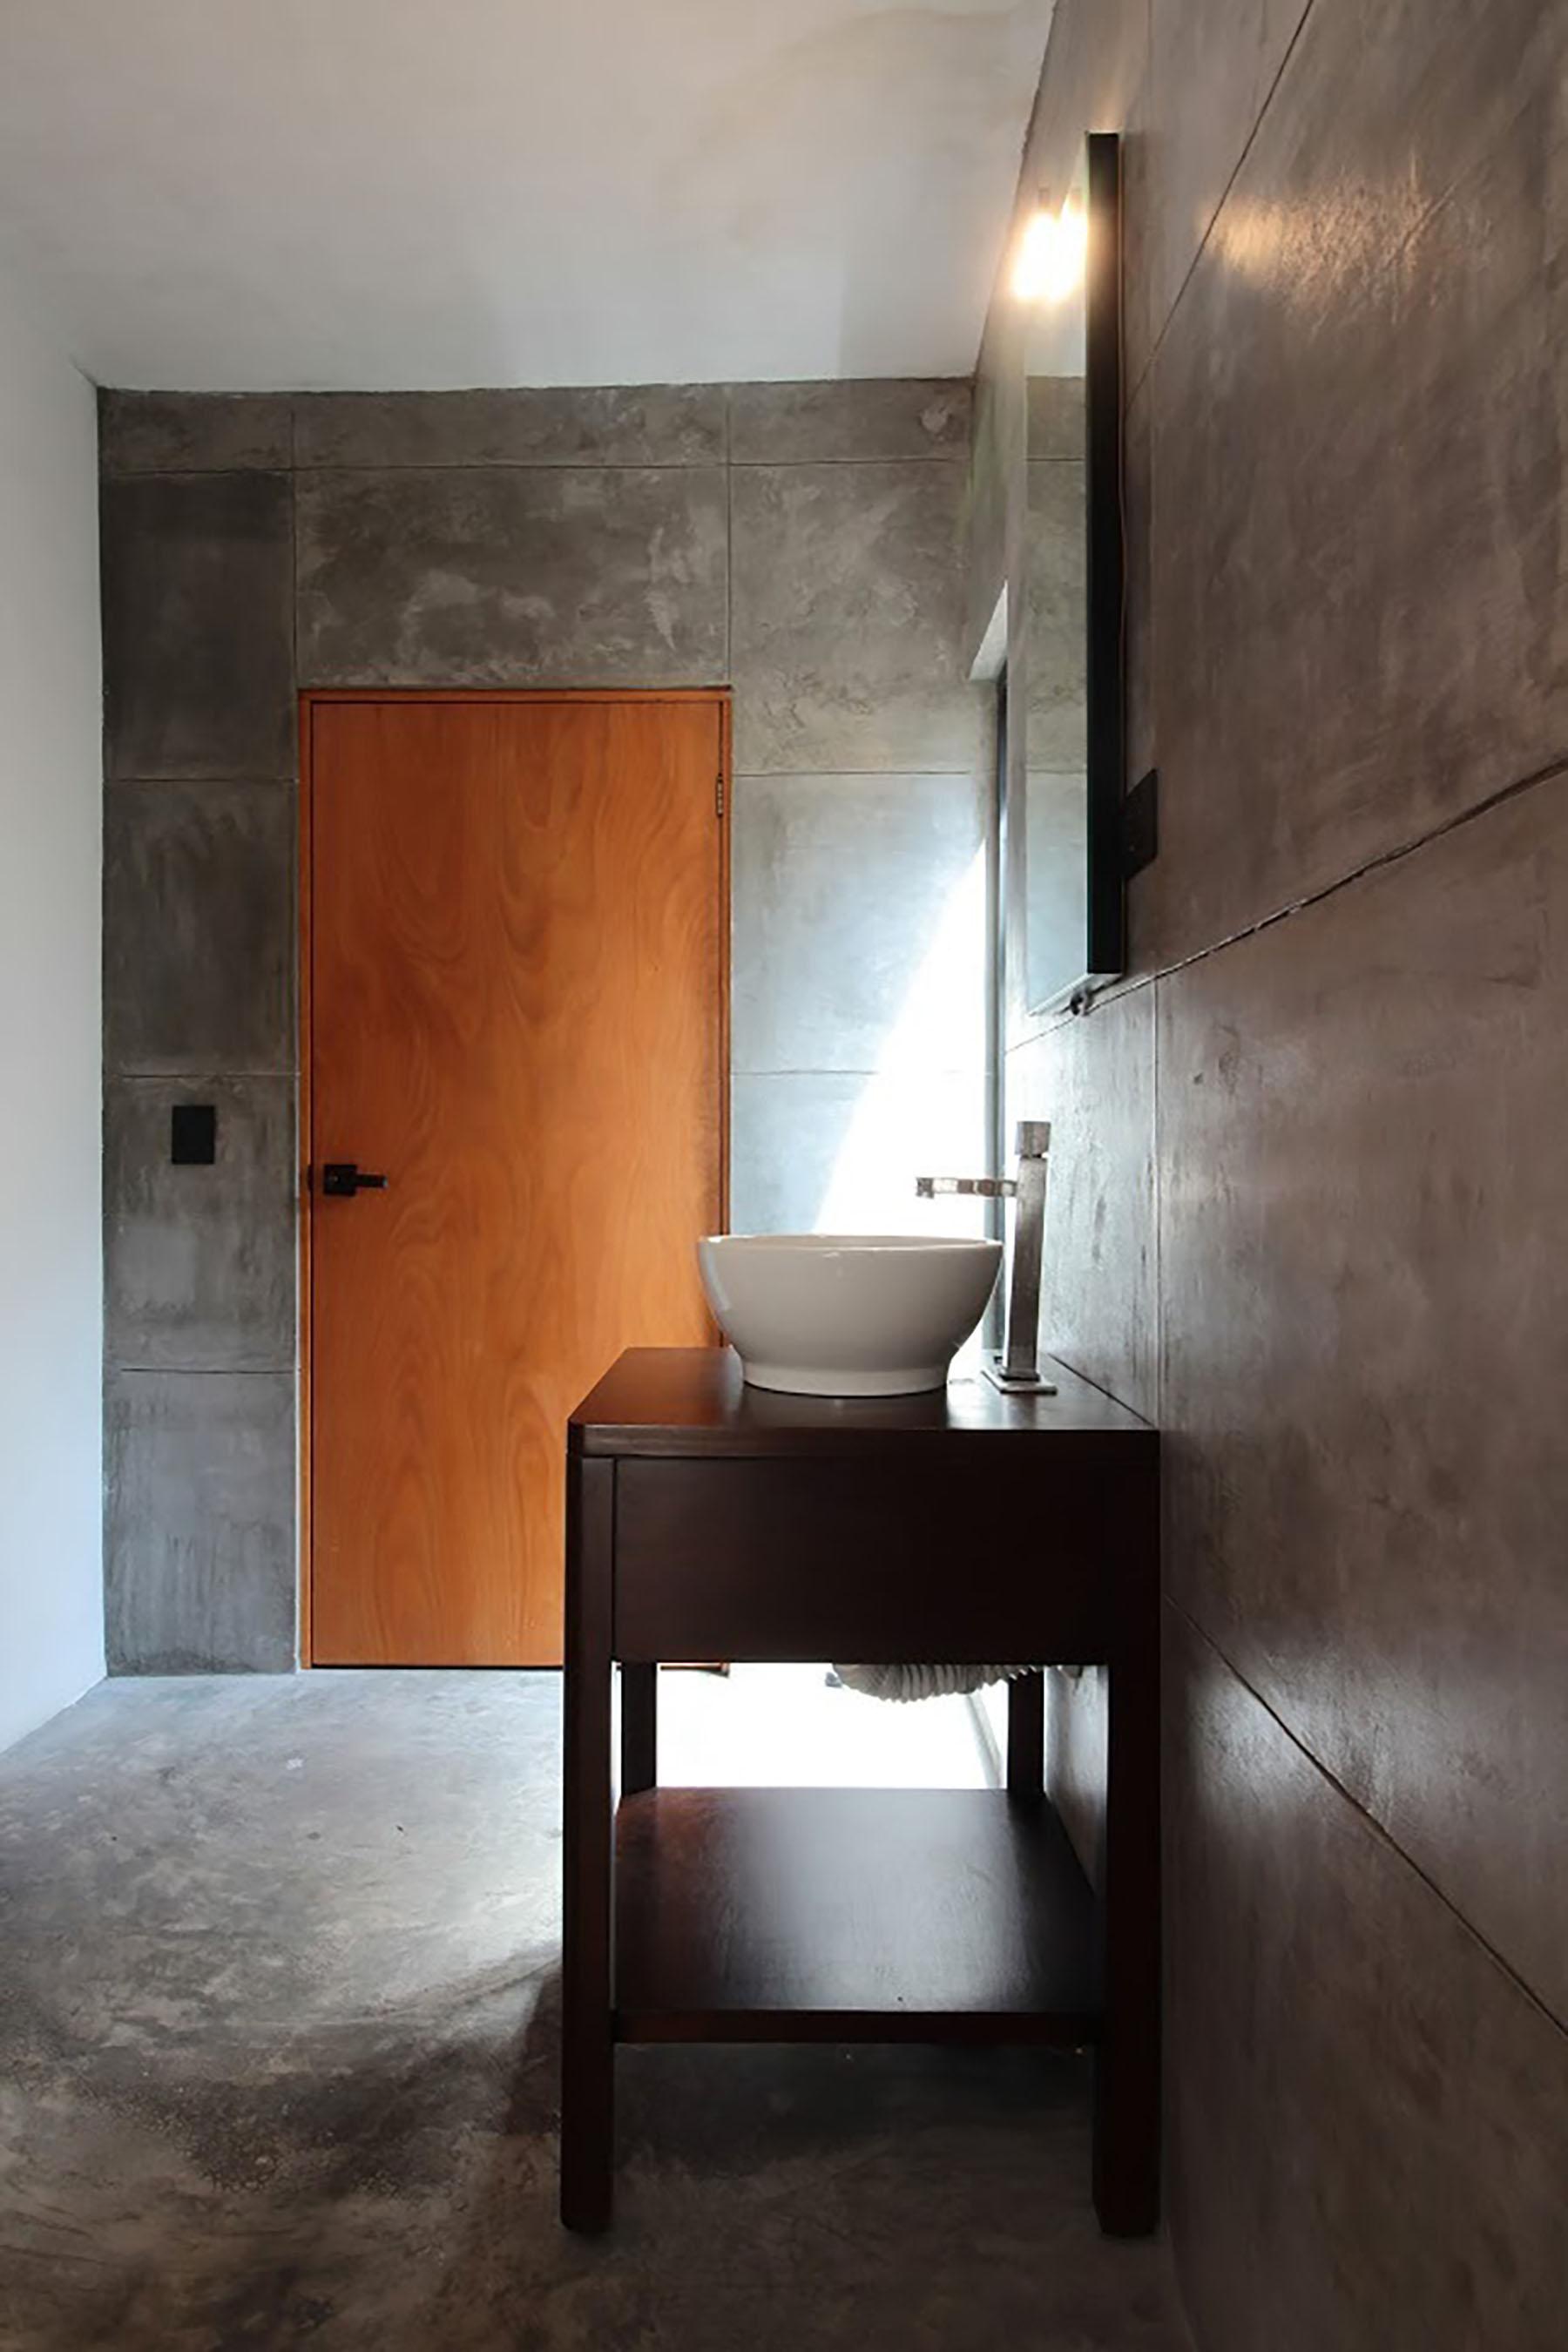 iGNANT-Architecture-Ariel-Valenzuela-And-Diego-Ledesma -Casa-Papagayo-16b